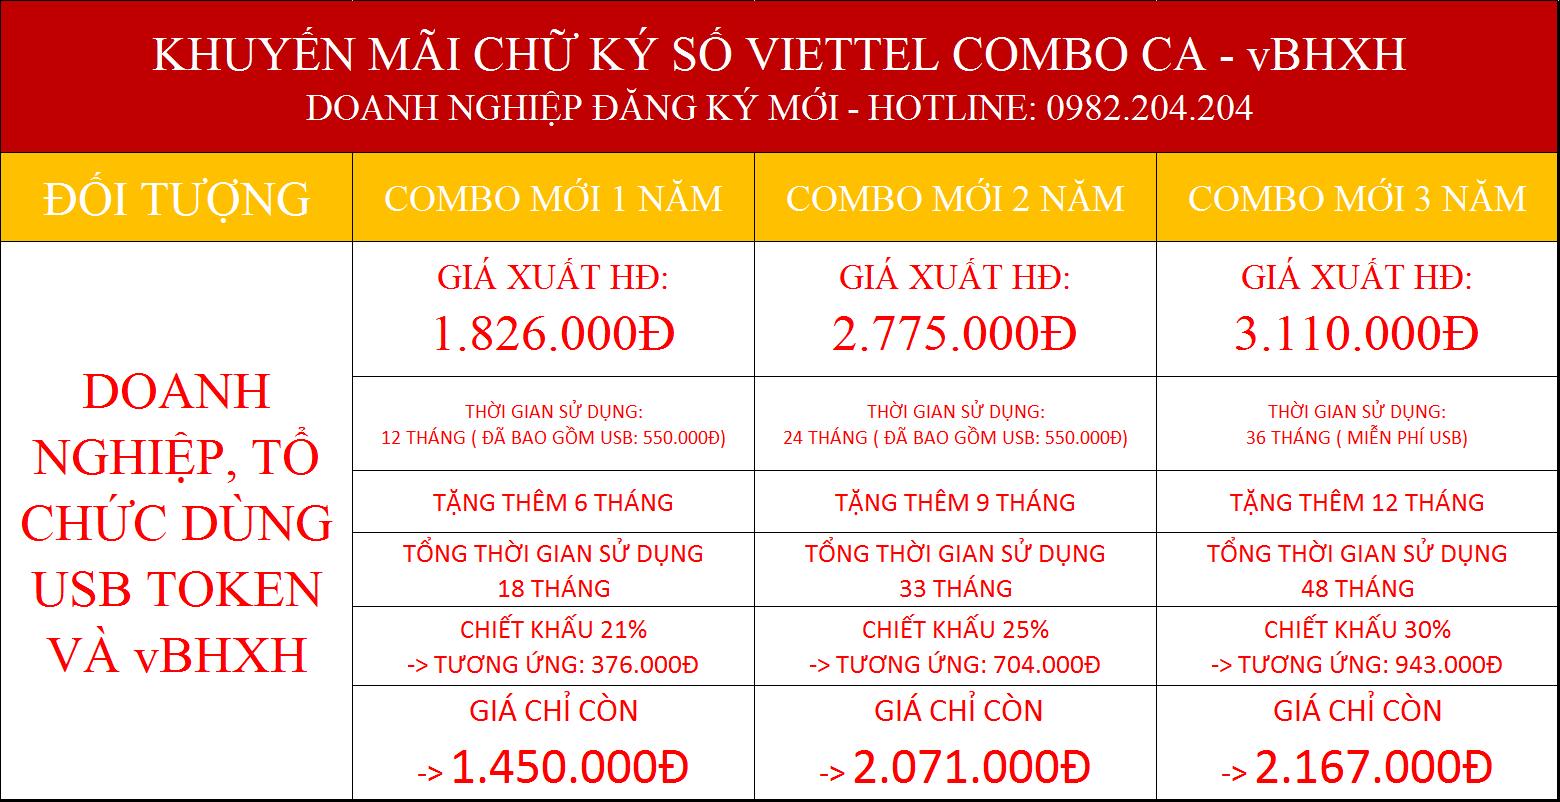 Bảng giá chữ ký số Viettel Tuyên Quang combo kèm vBHXH